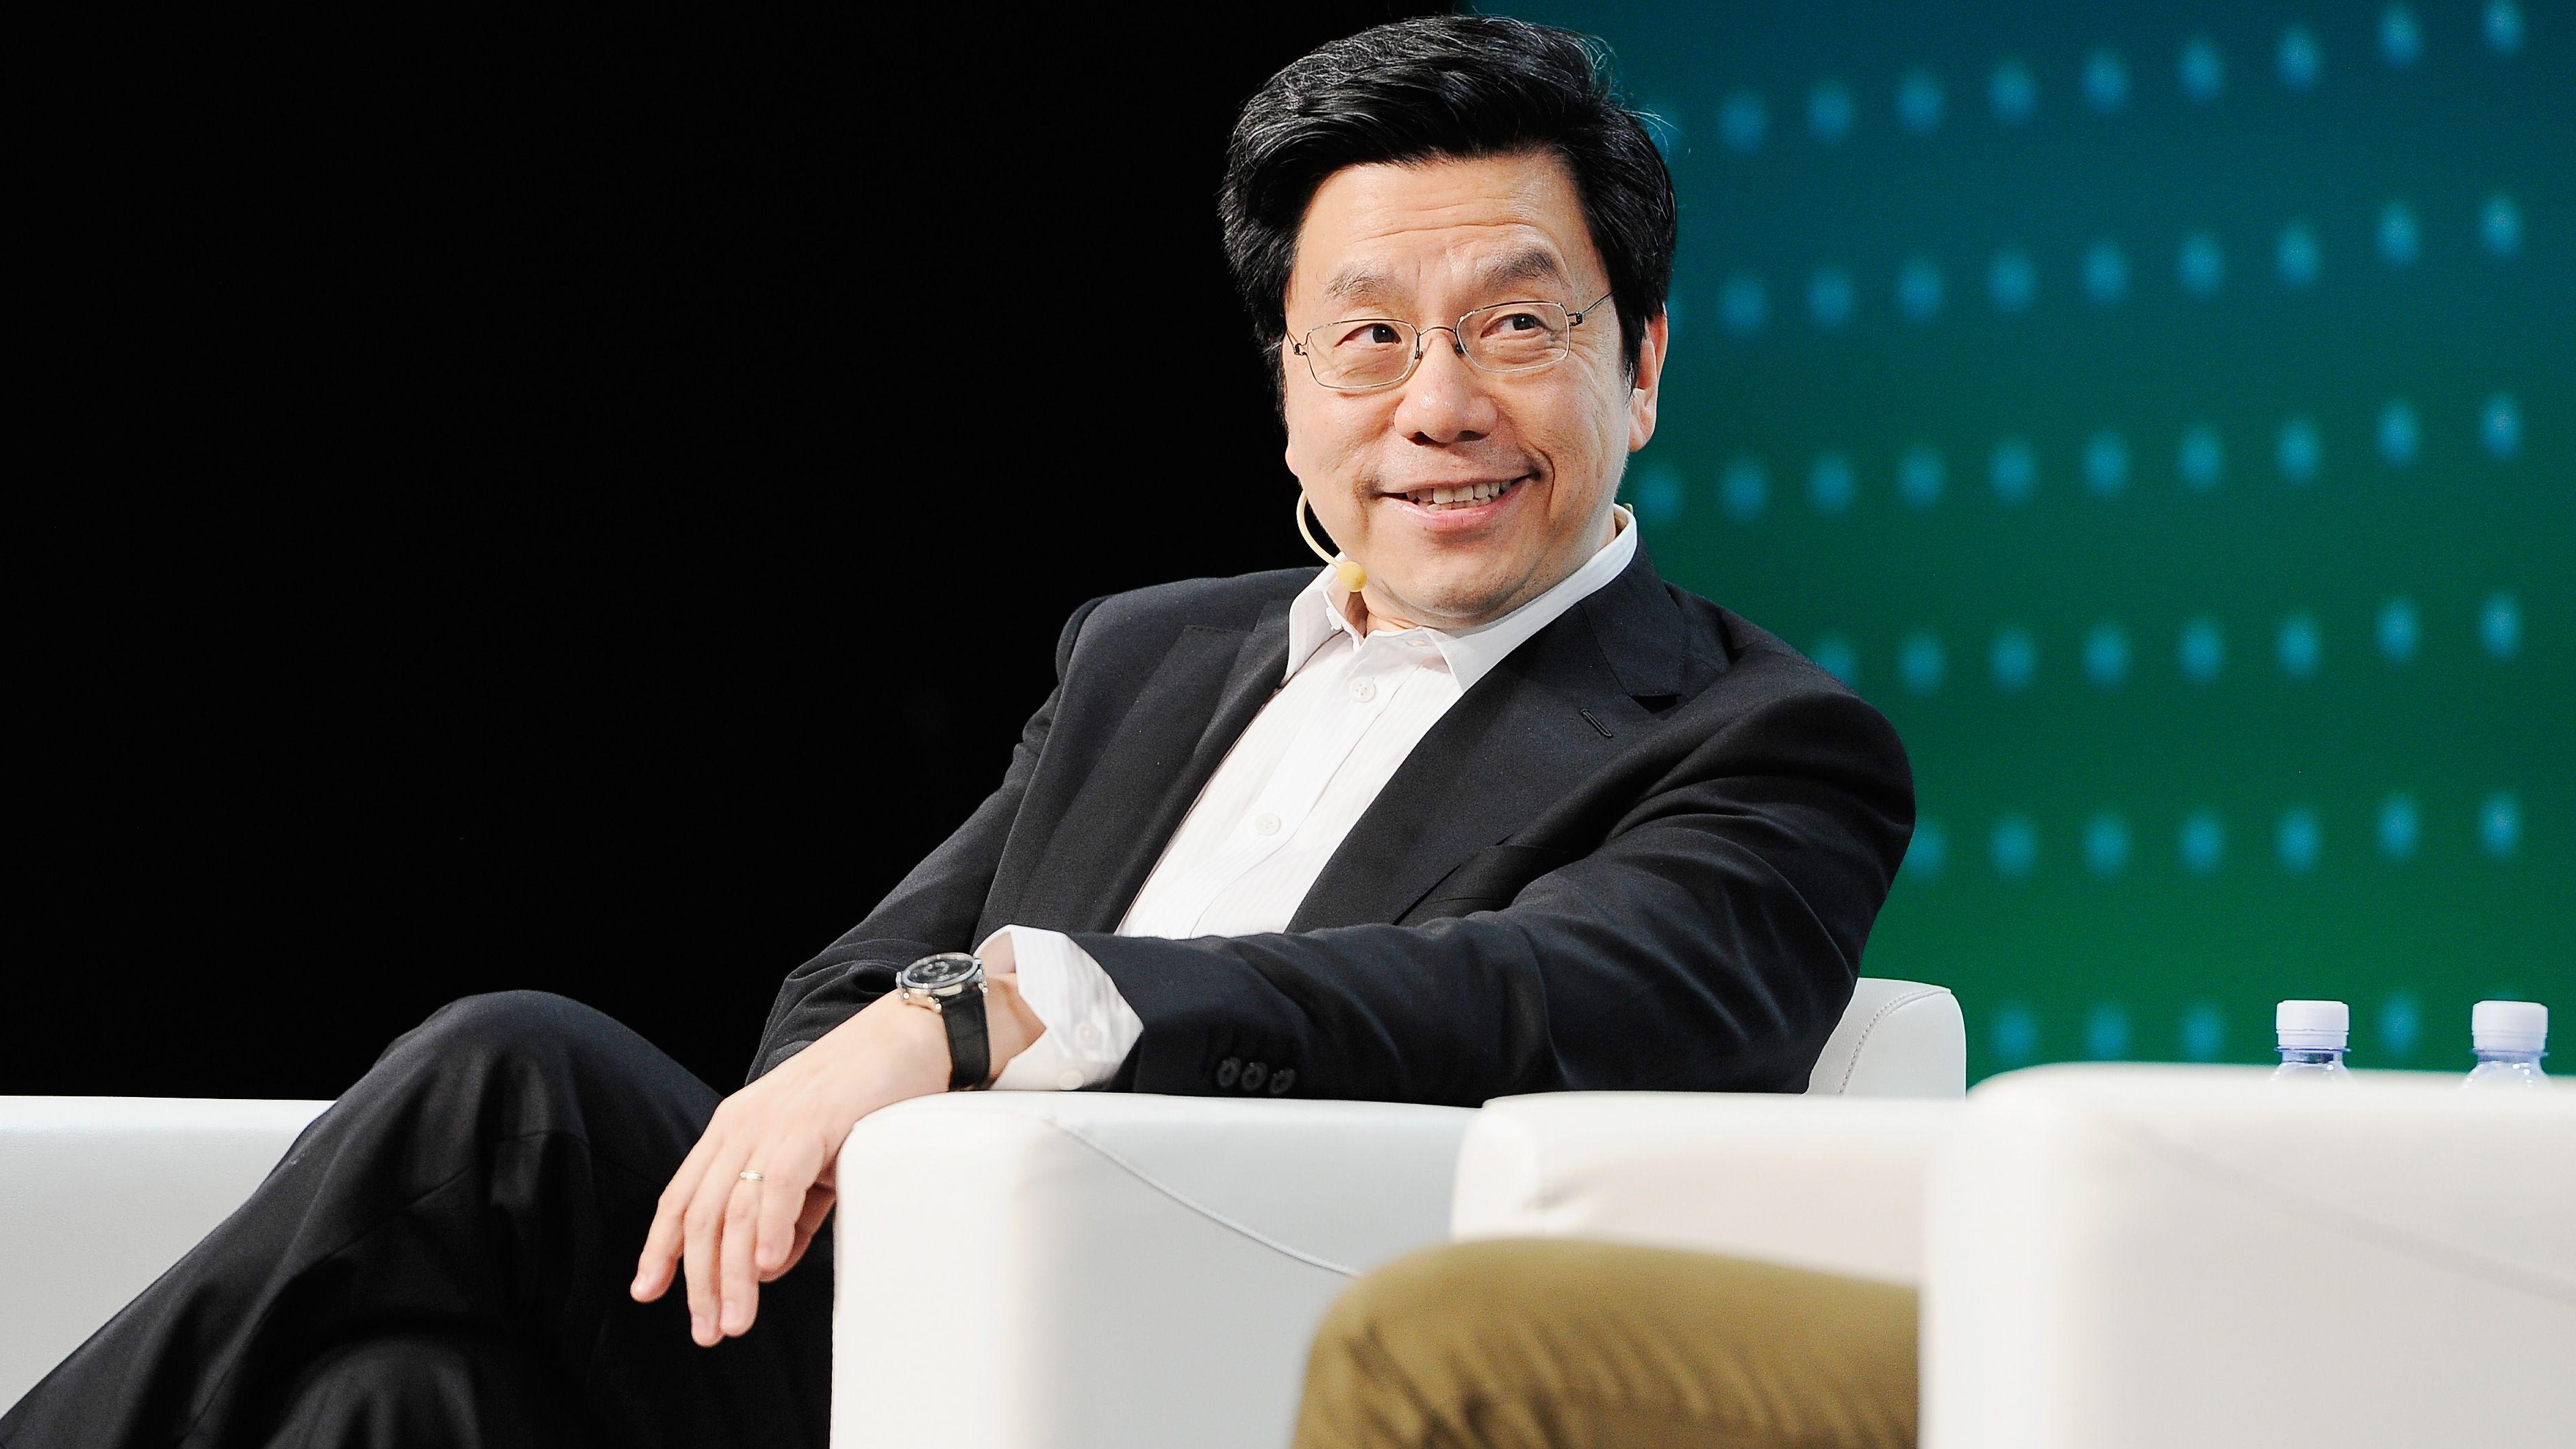 米国の脅威は中国ではない、 「基礎研究の軽視」だ 元グーグル副社長語る